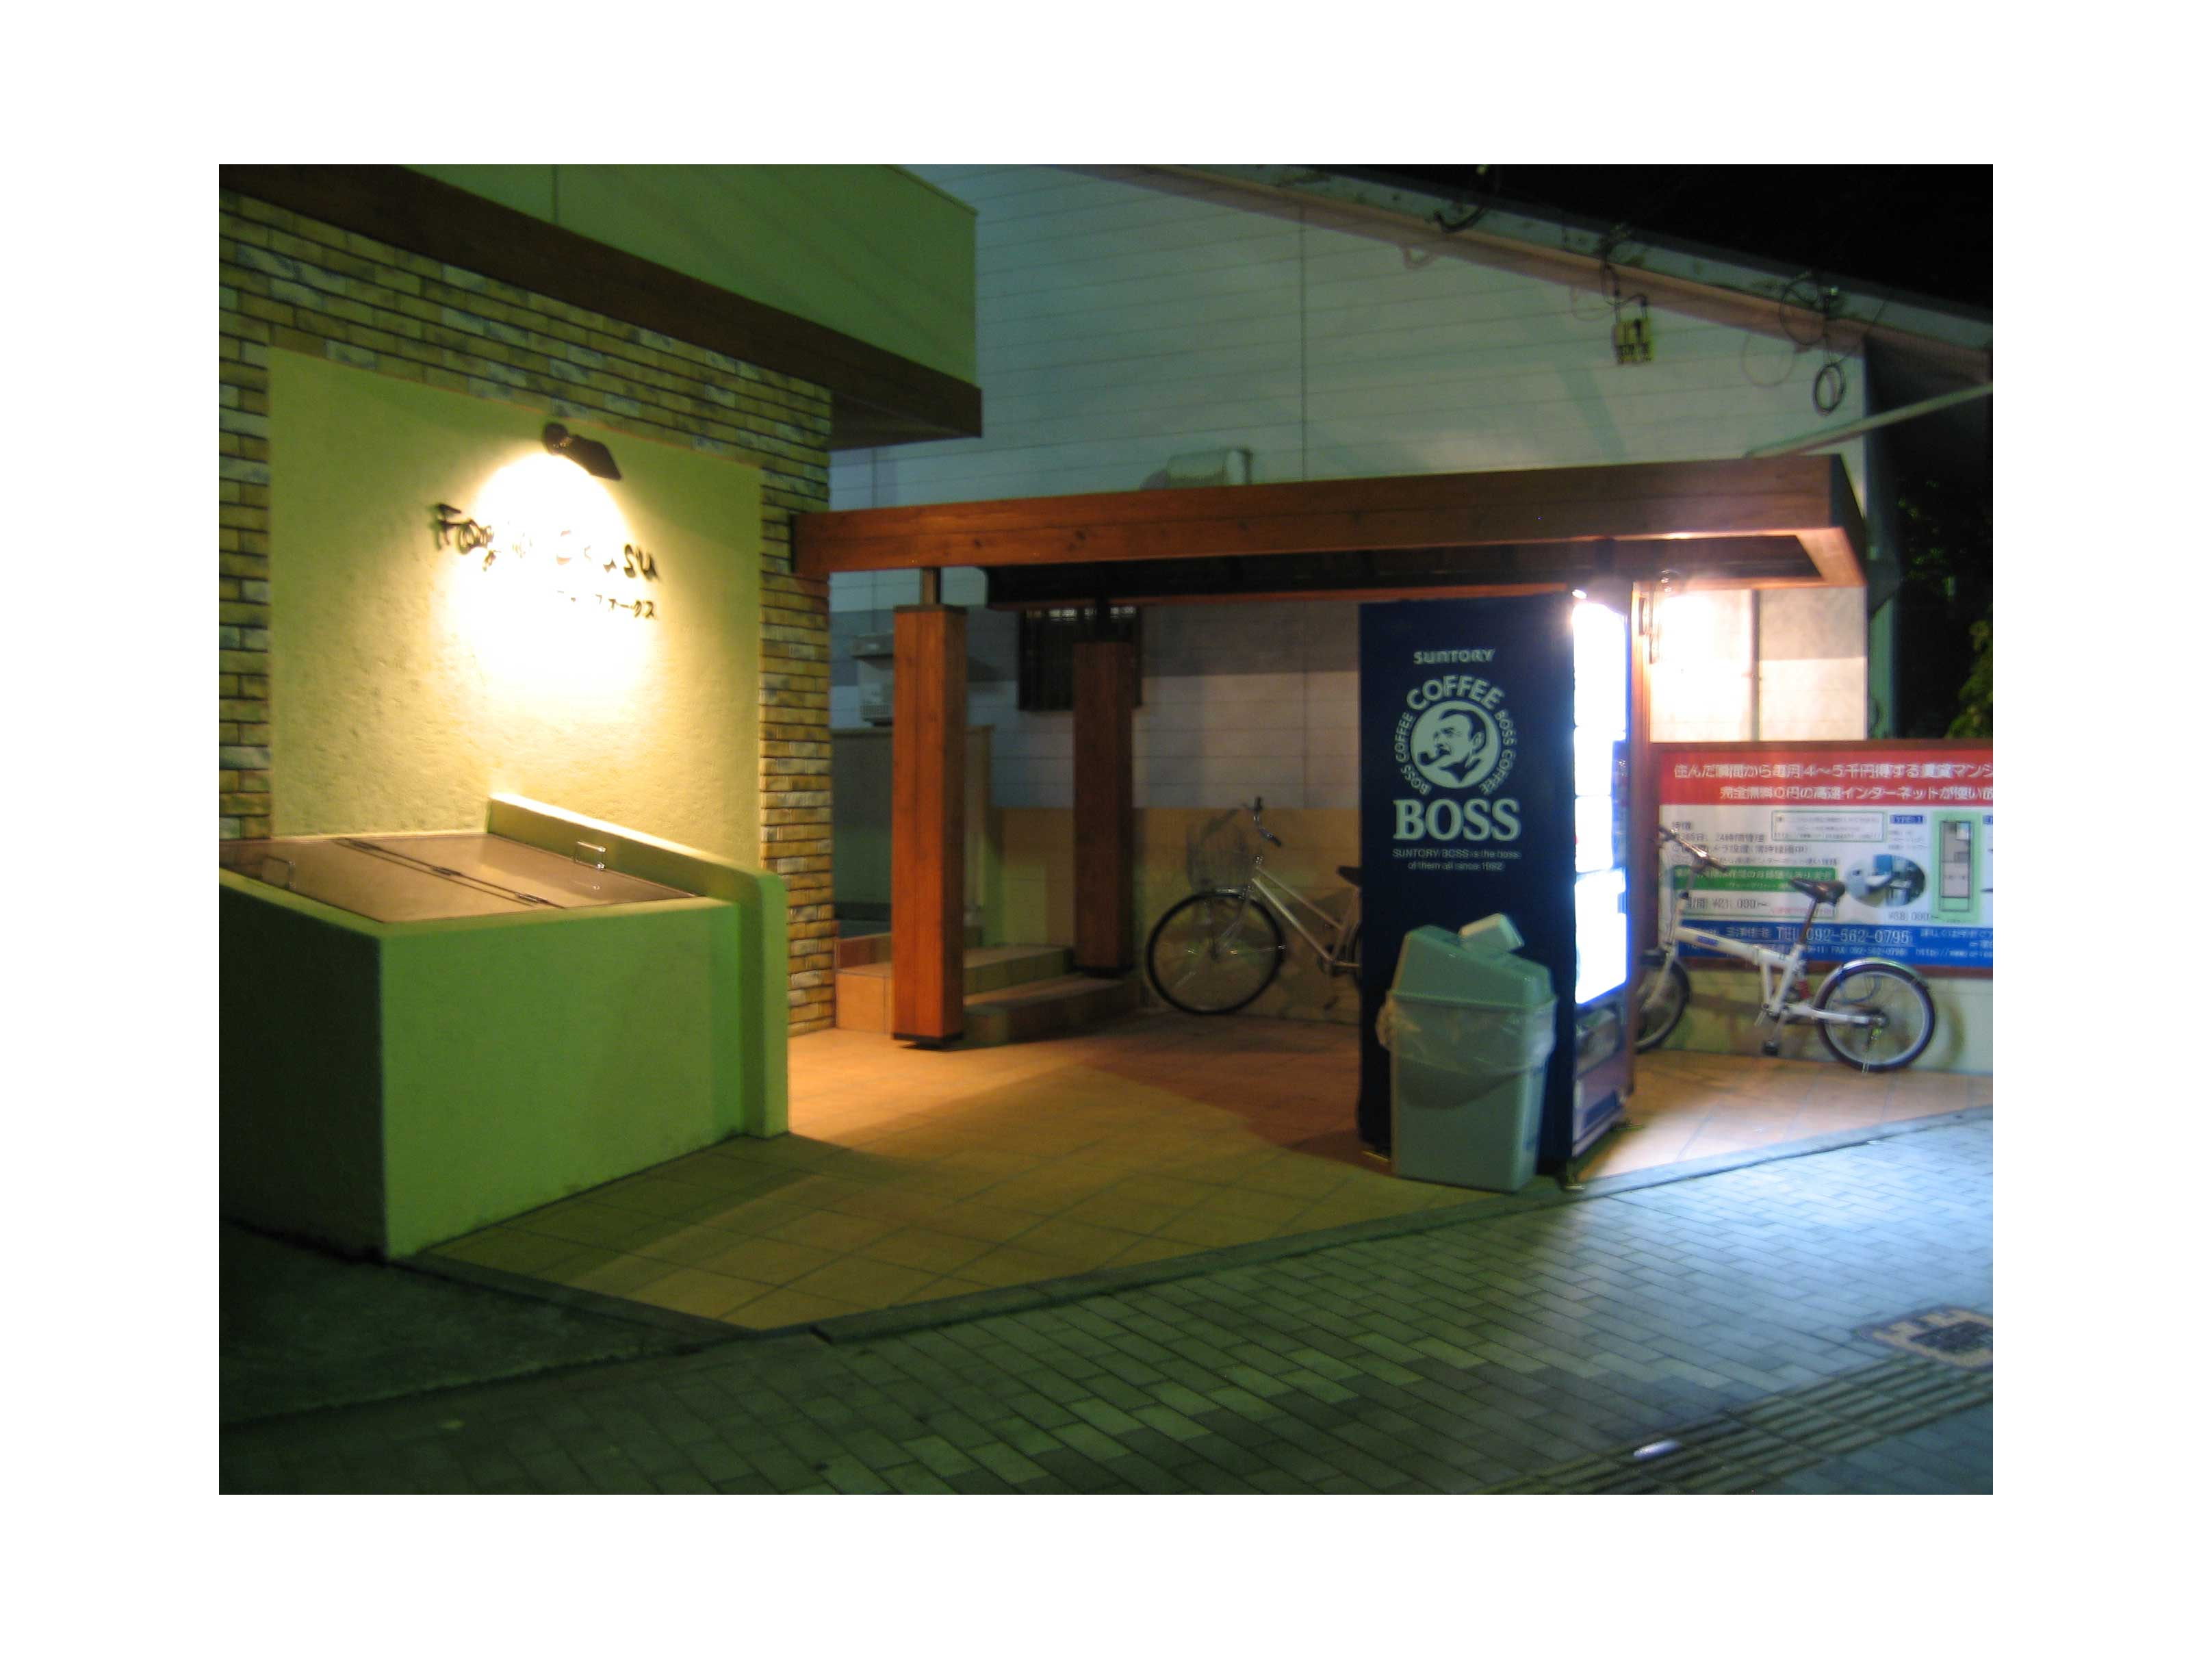 福岡不動産賃貸住宅物件情報ブログ:福岡市南区のウィークリー ...